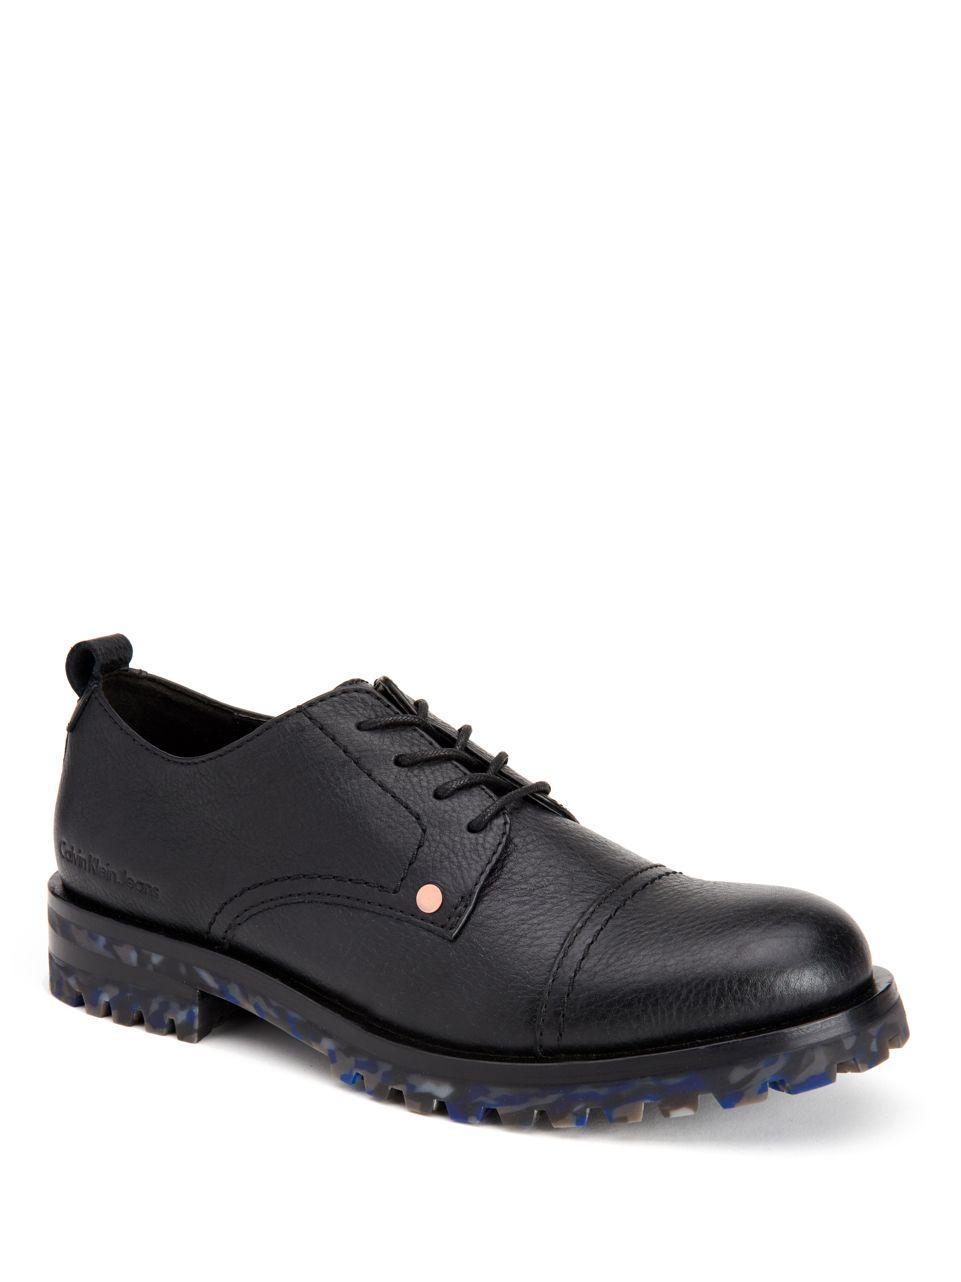 Calvin Klein Men S Nox Casual Lace Up Shoes